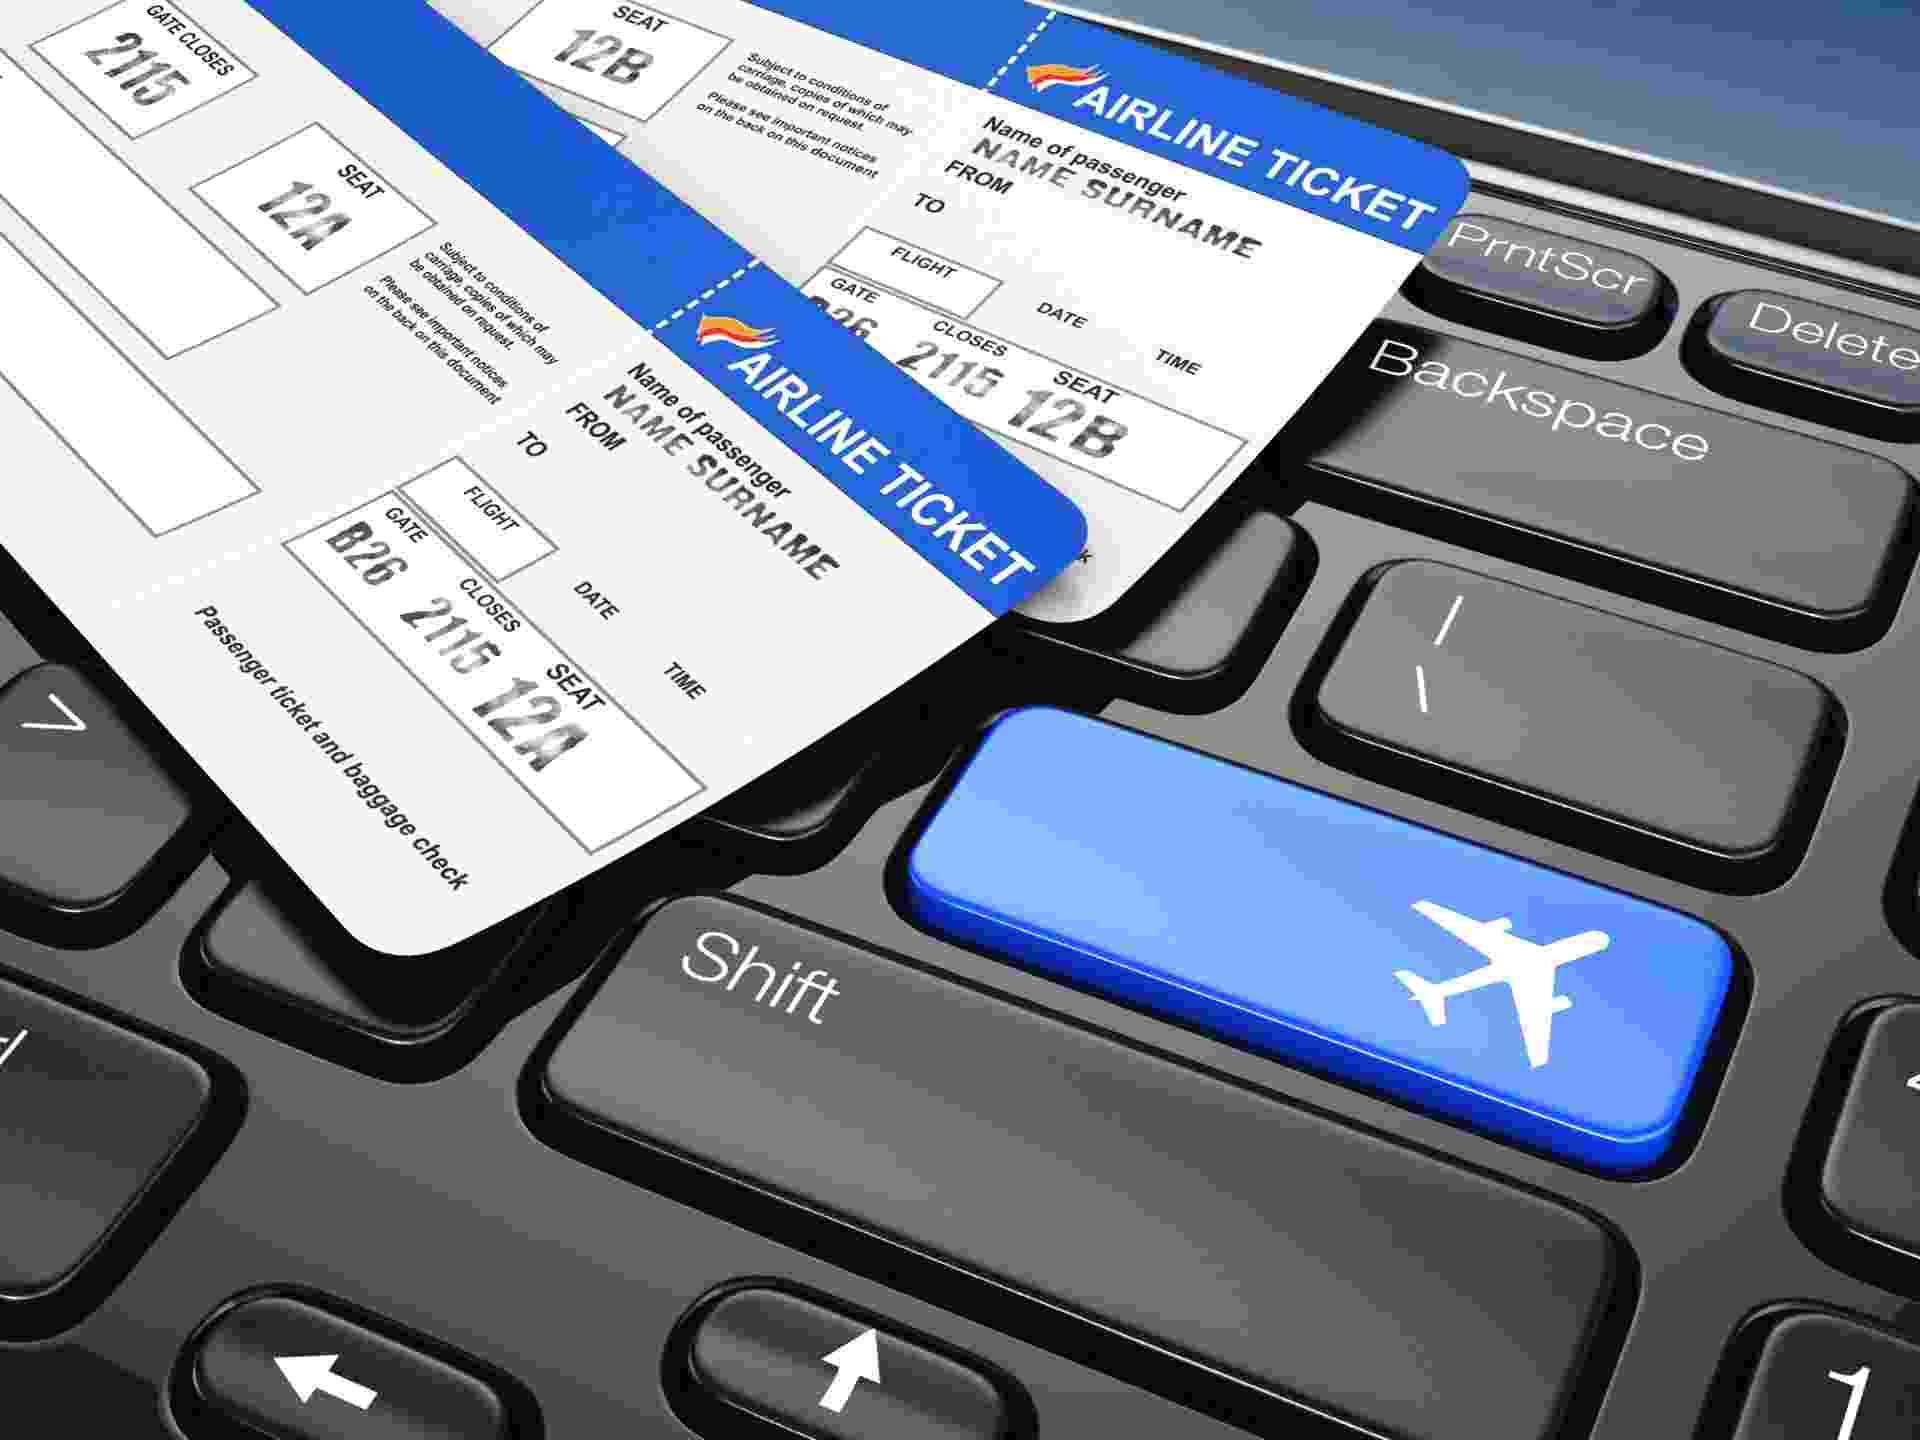 Passagem aérea; viagem; turismo; passageiro; bilhete aéreo - iStock